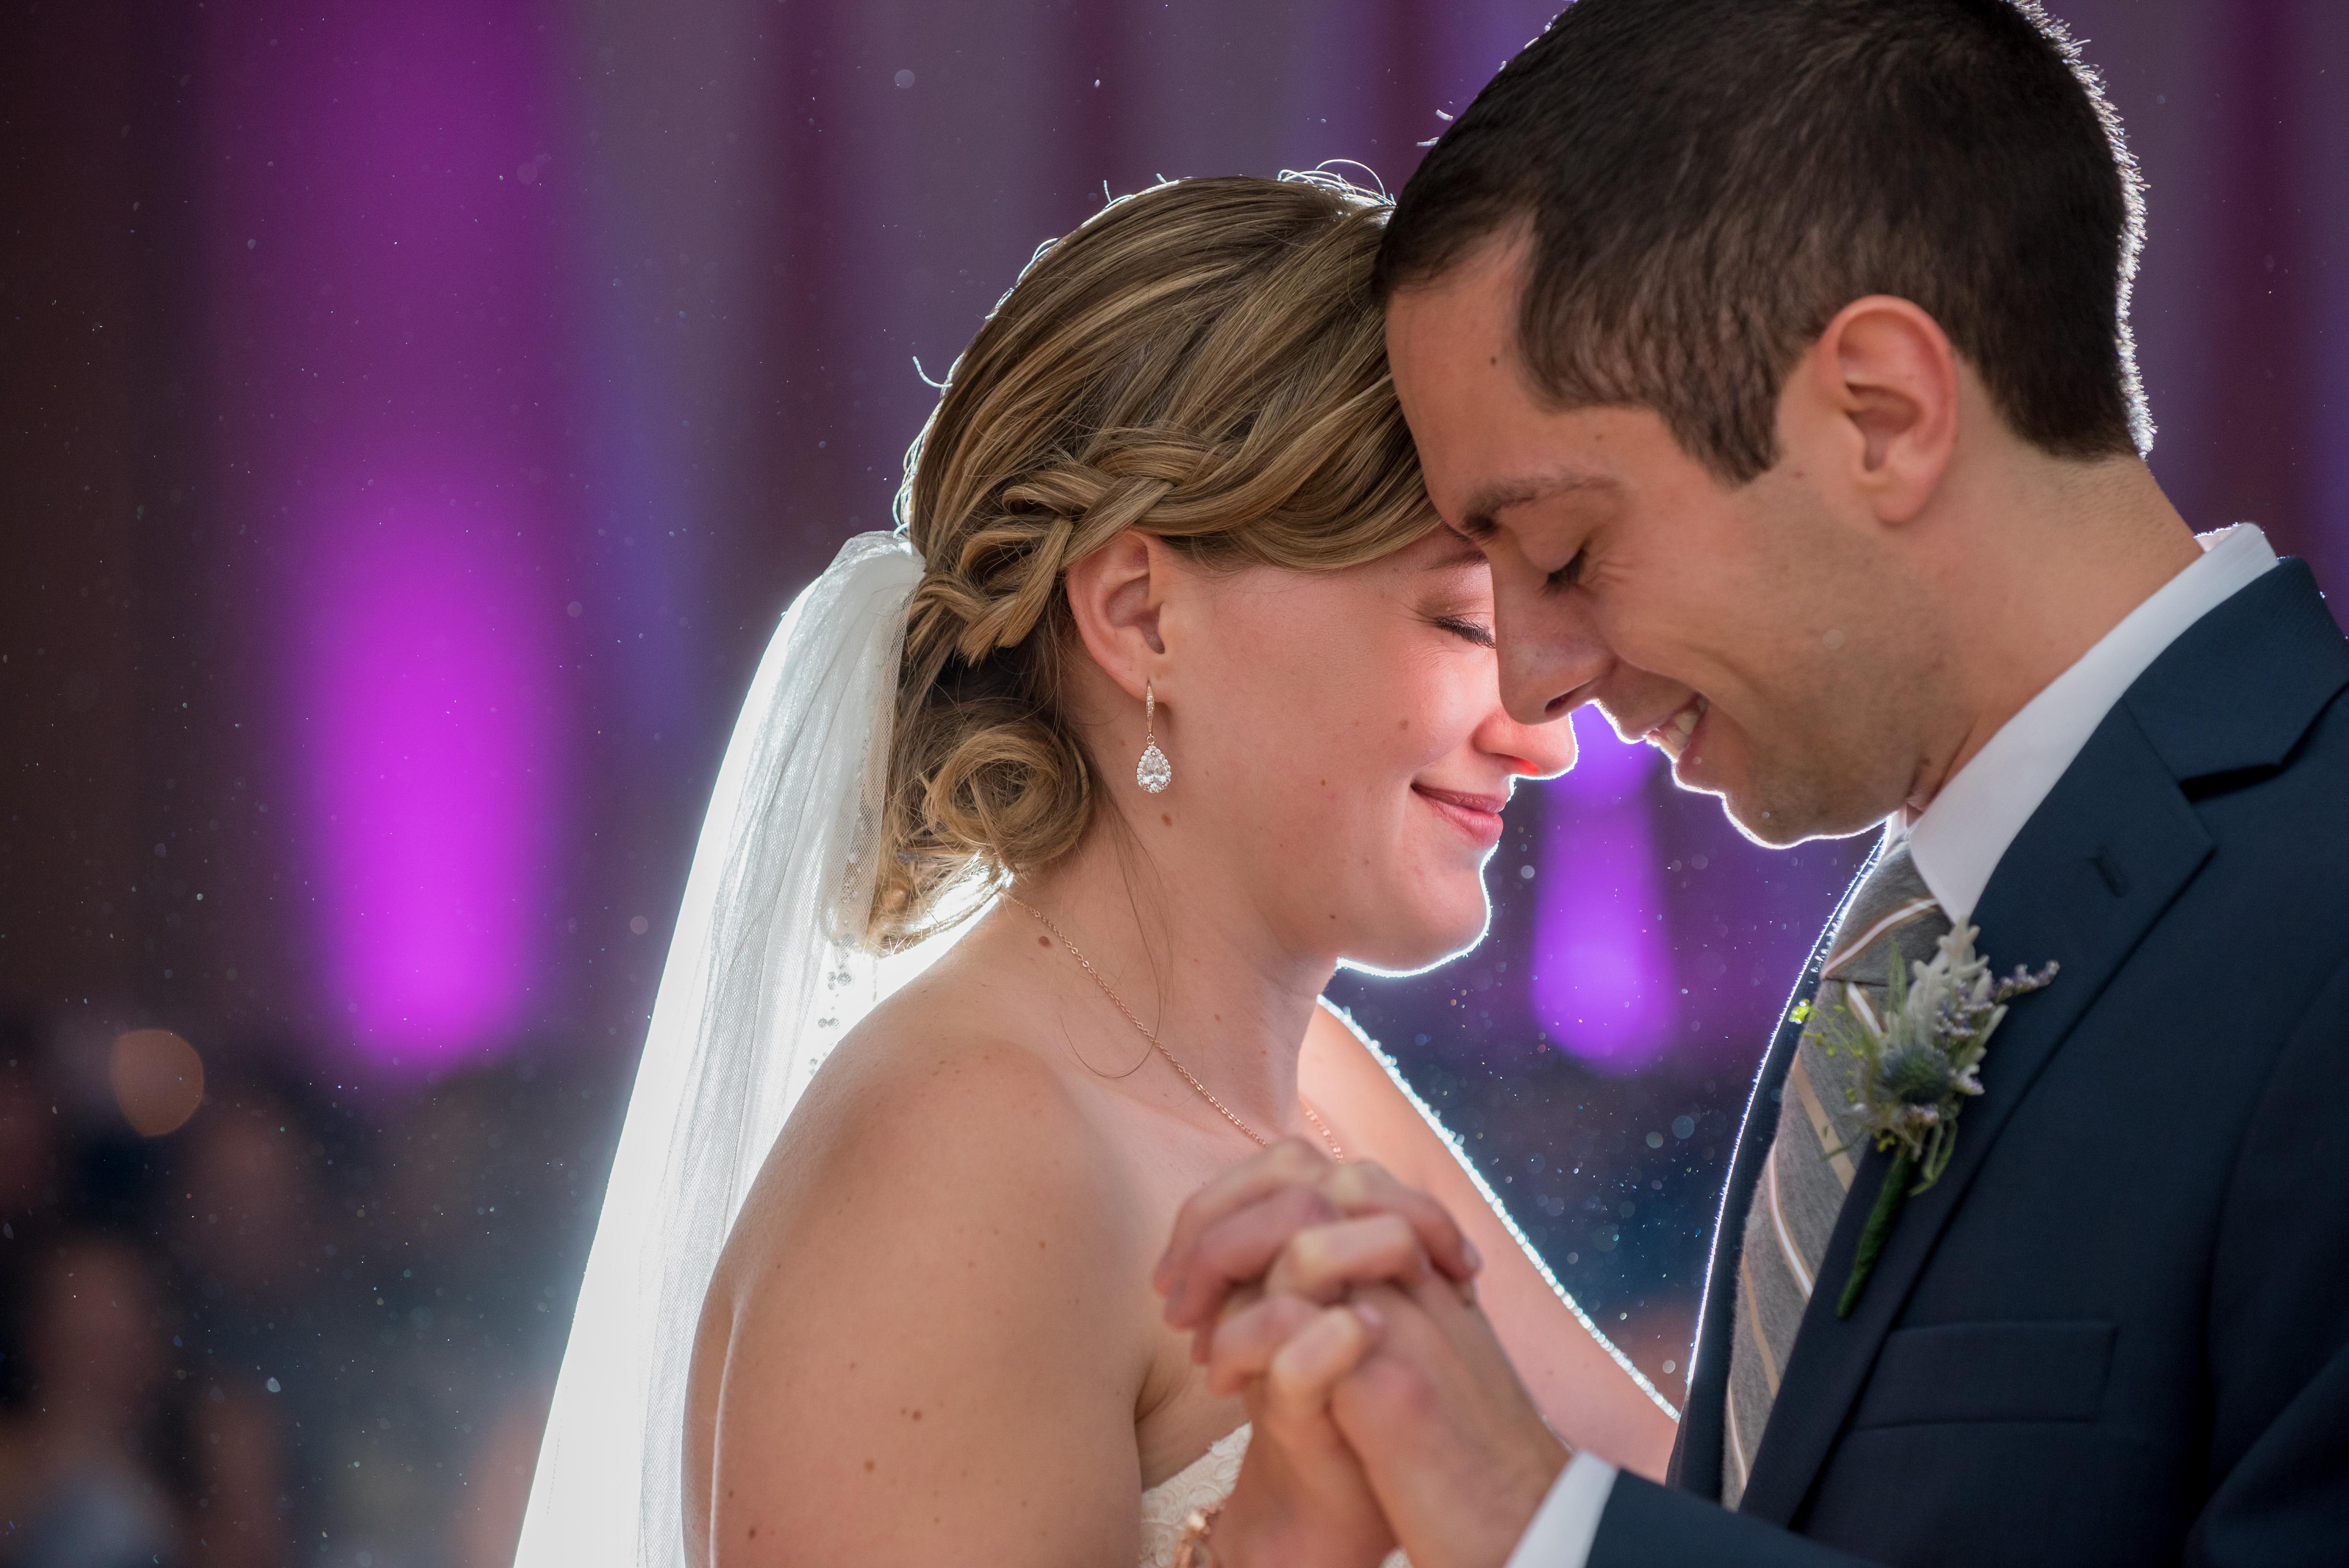 Milwaukee Wedding Photography-Jadon Good Photography_042